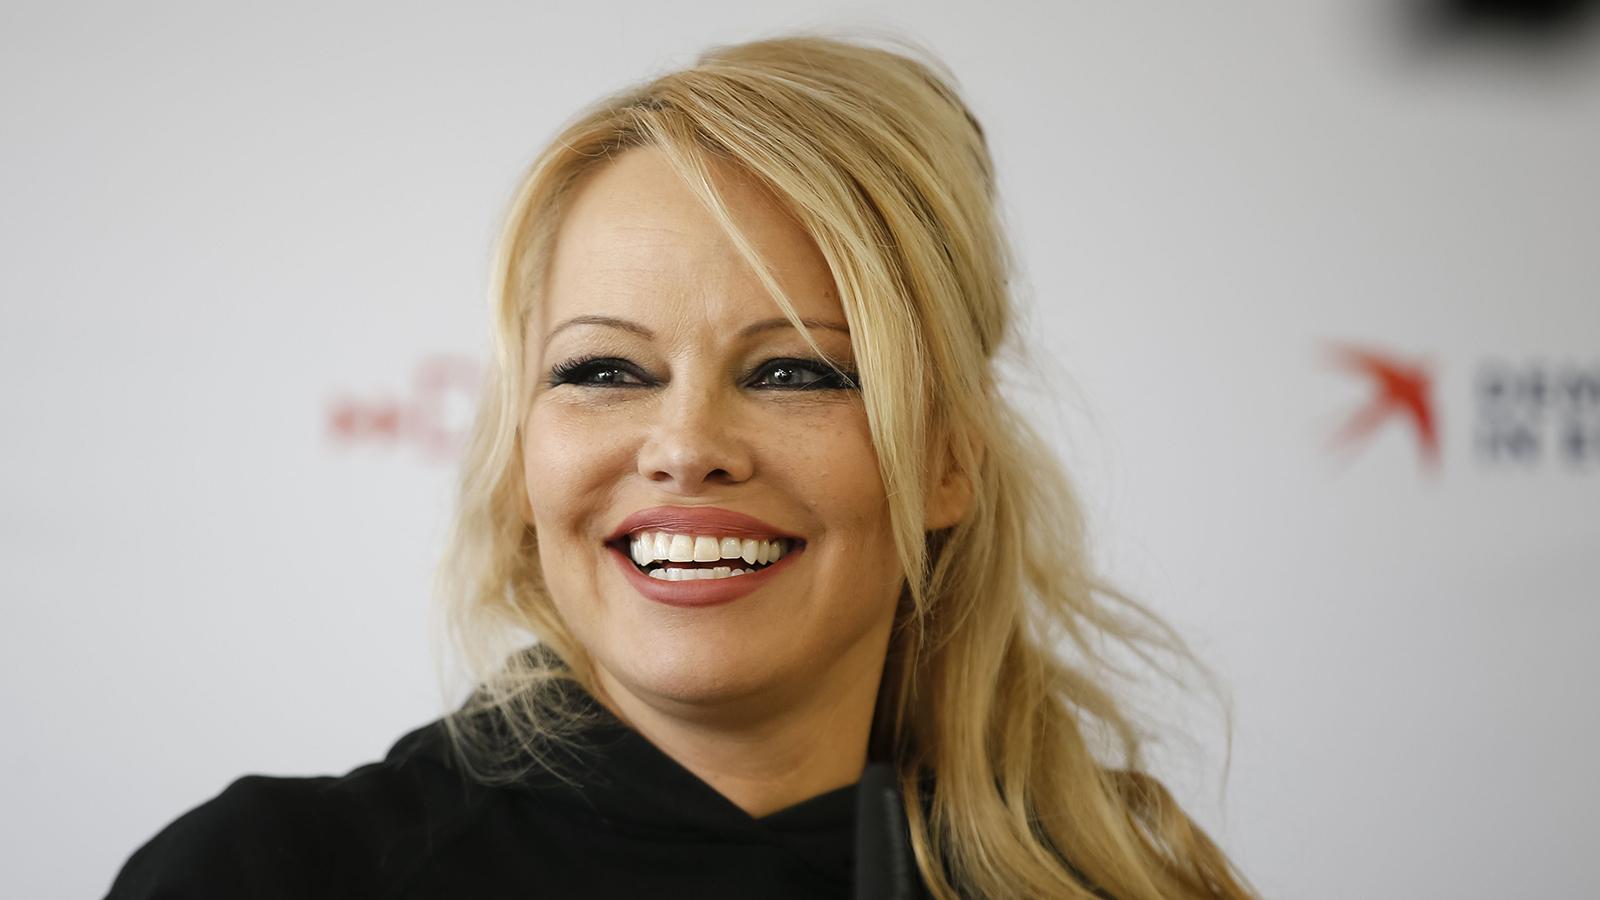 Pamela Anderson is married